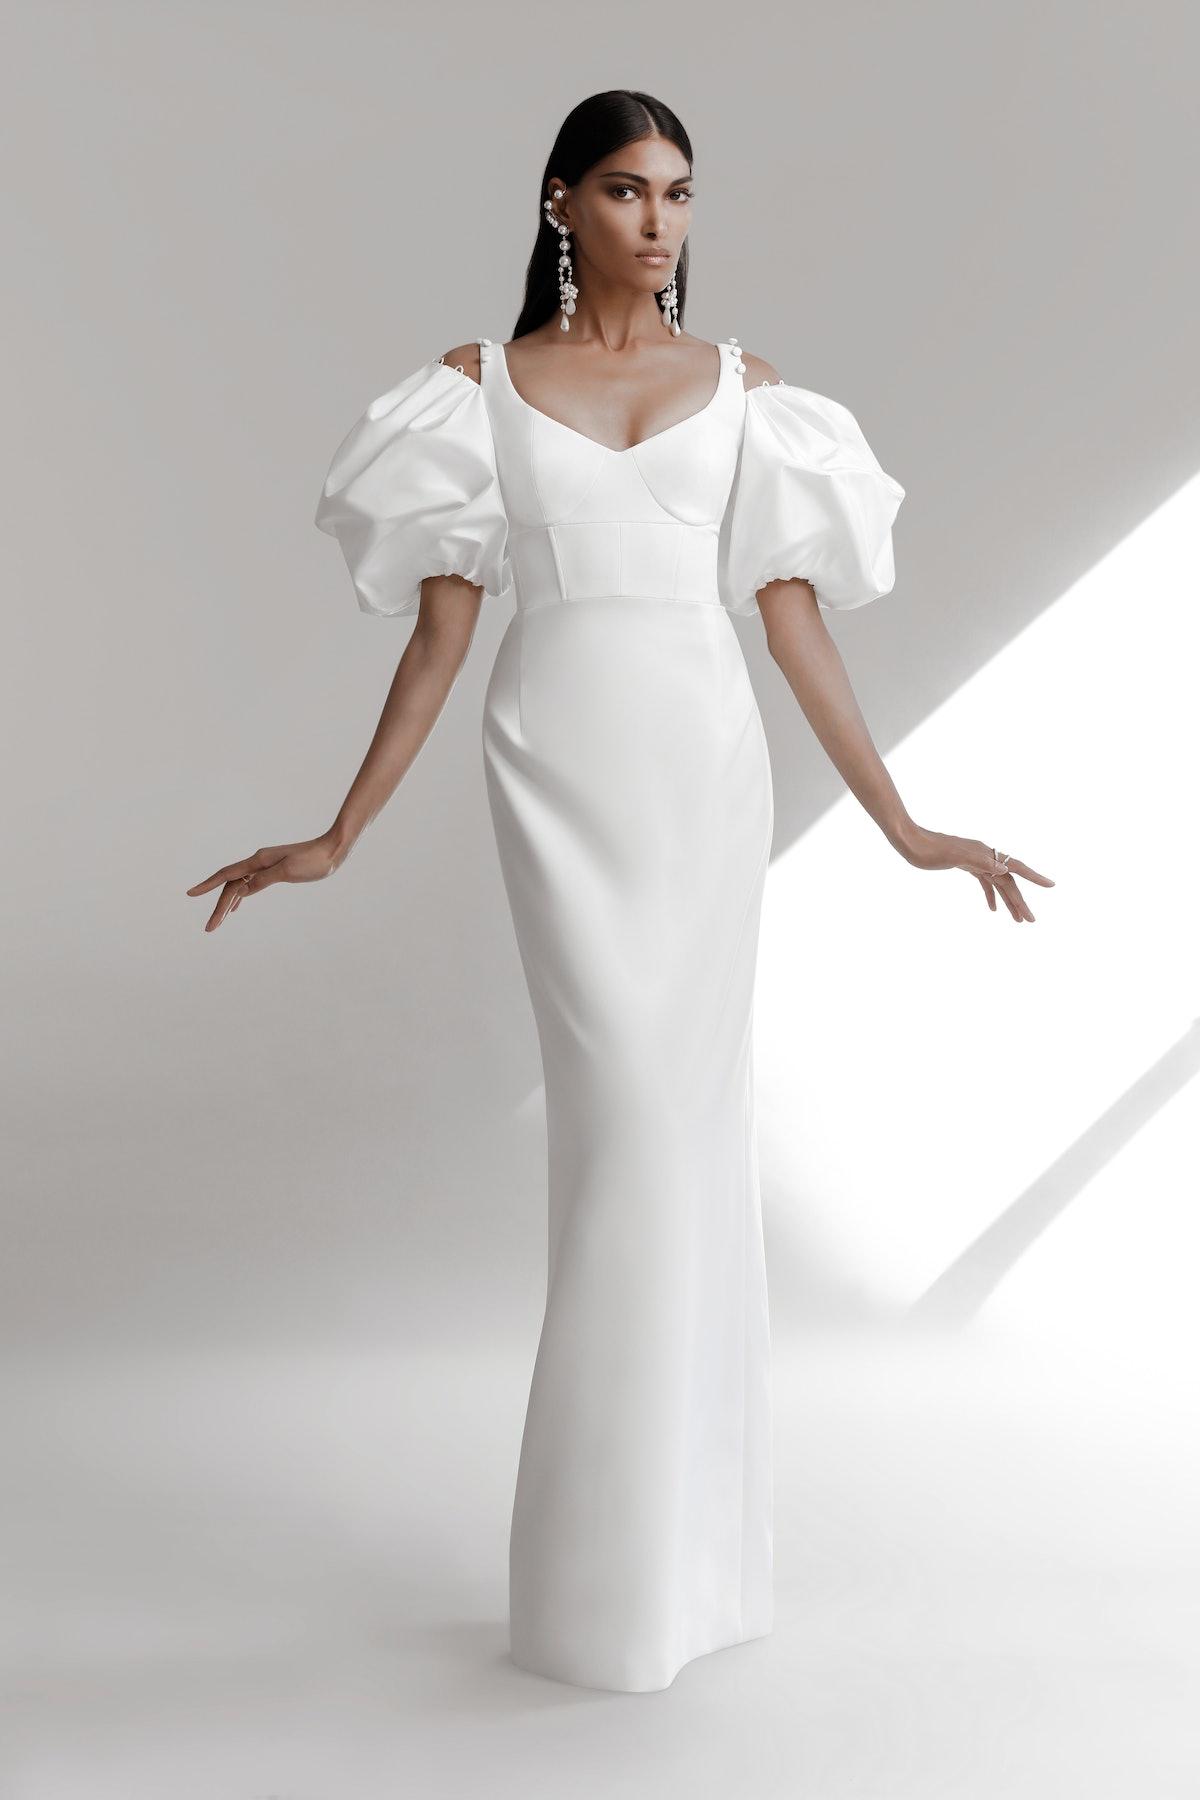 Model wearing Prabal Gurung Spring 2022 bridal collection.